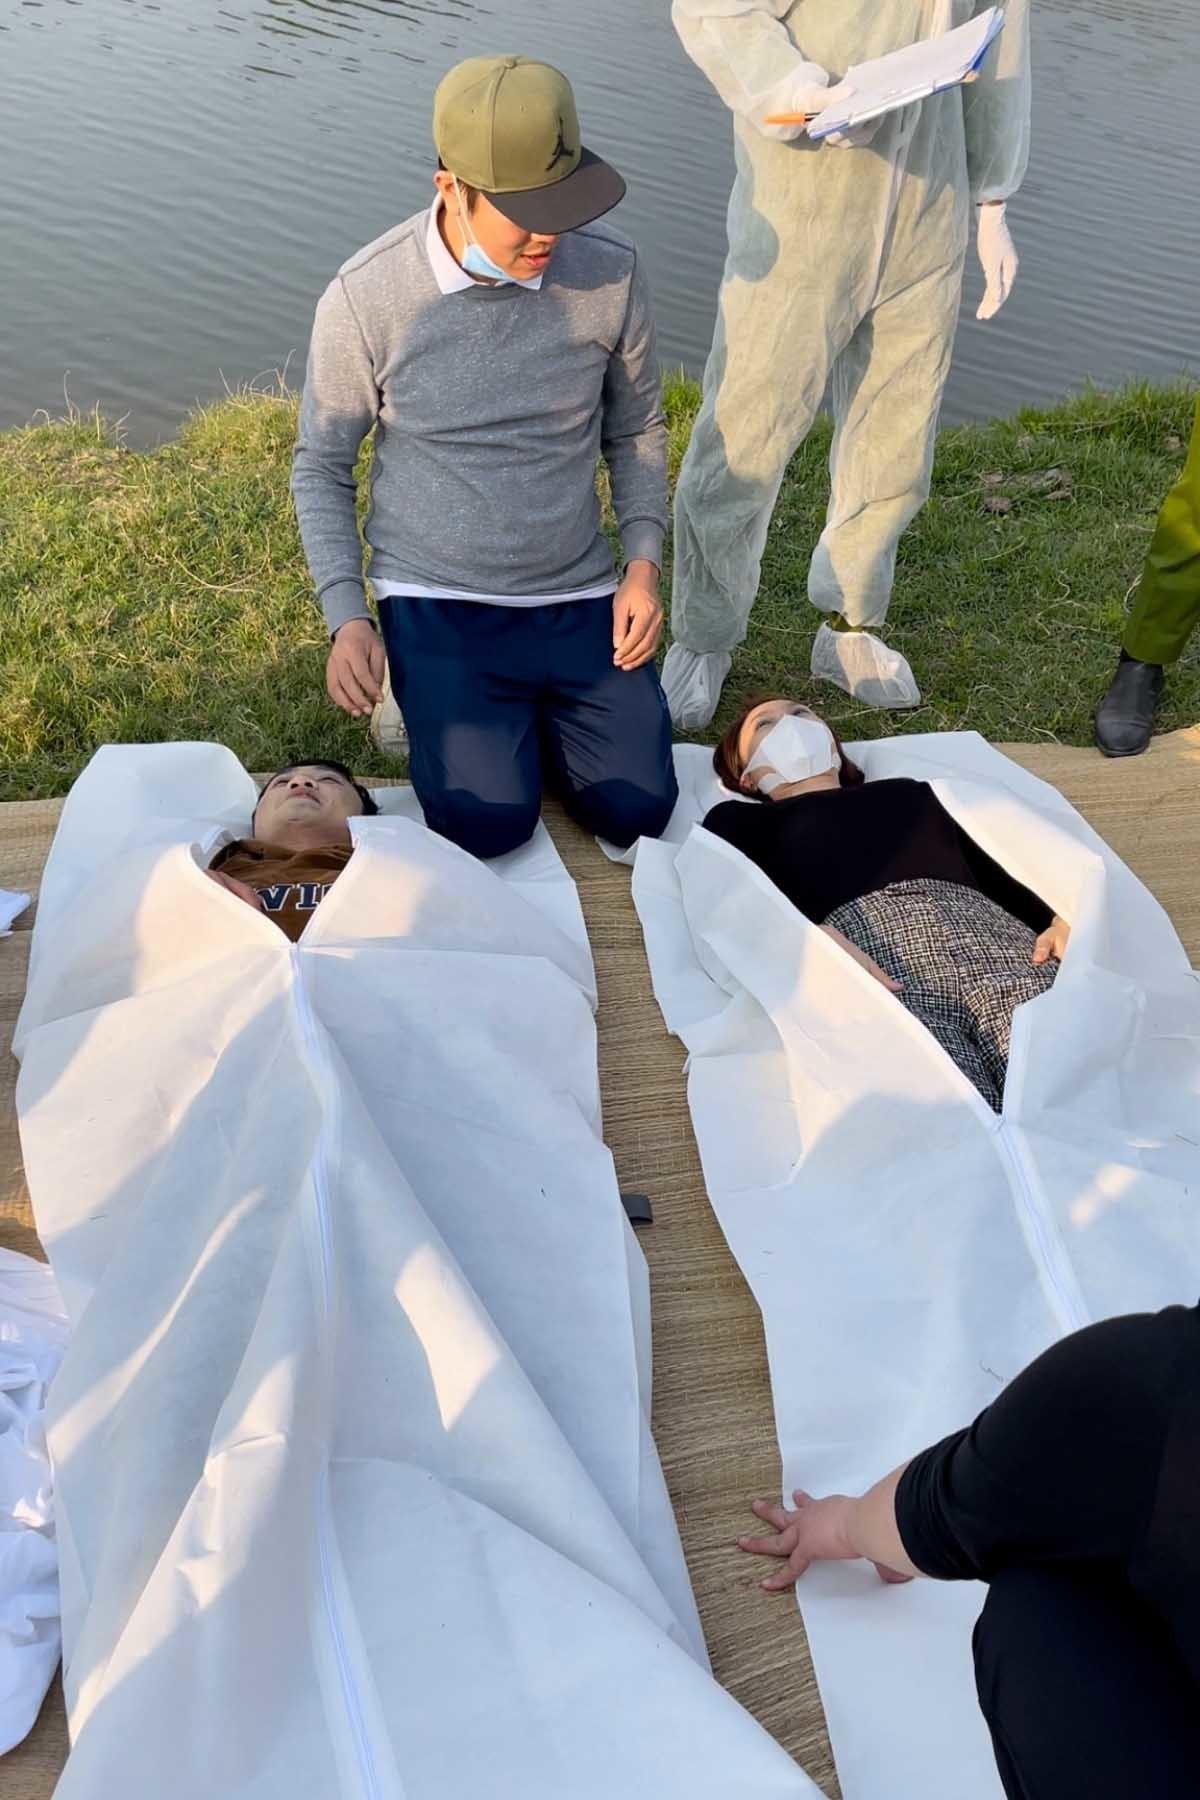 Hậu trường cảnh Châu, Phúc giả vờ chết ở 'Hướng dương ngược nắng'